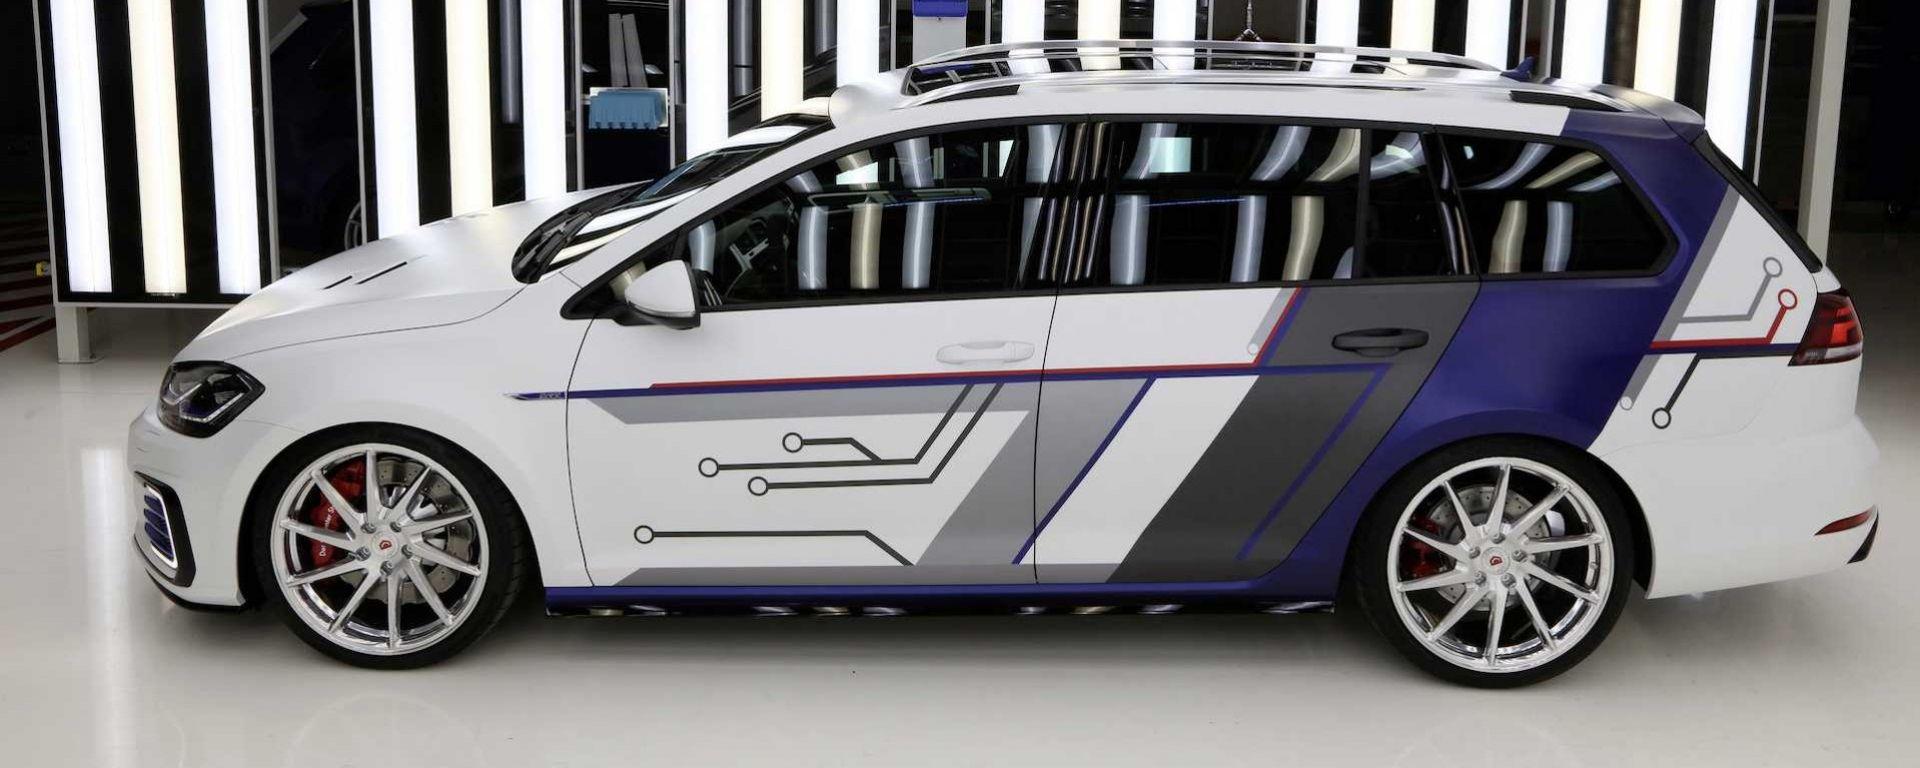 Volkswagen Golf GTE Impuls E: la prima GTE con la coda al Worthersee